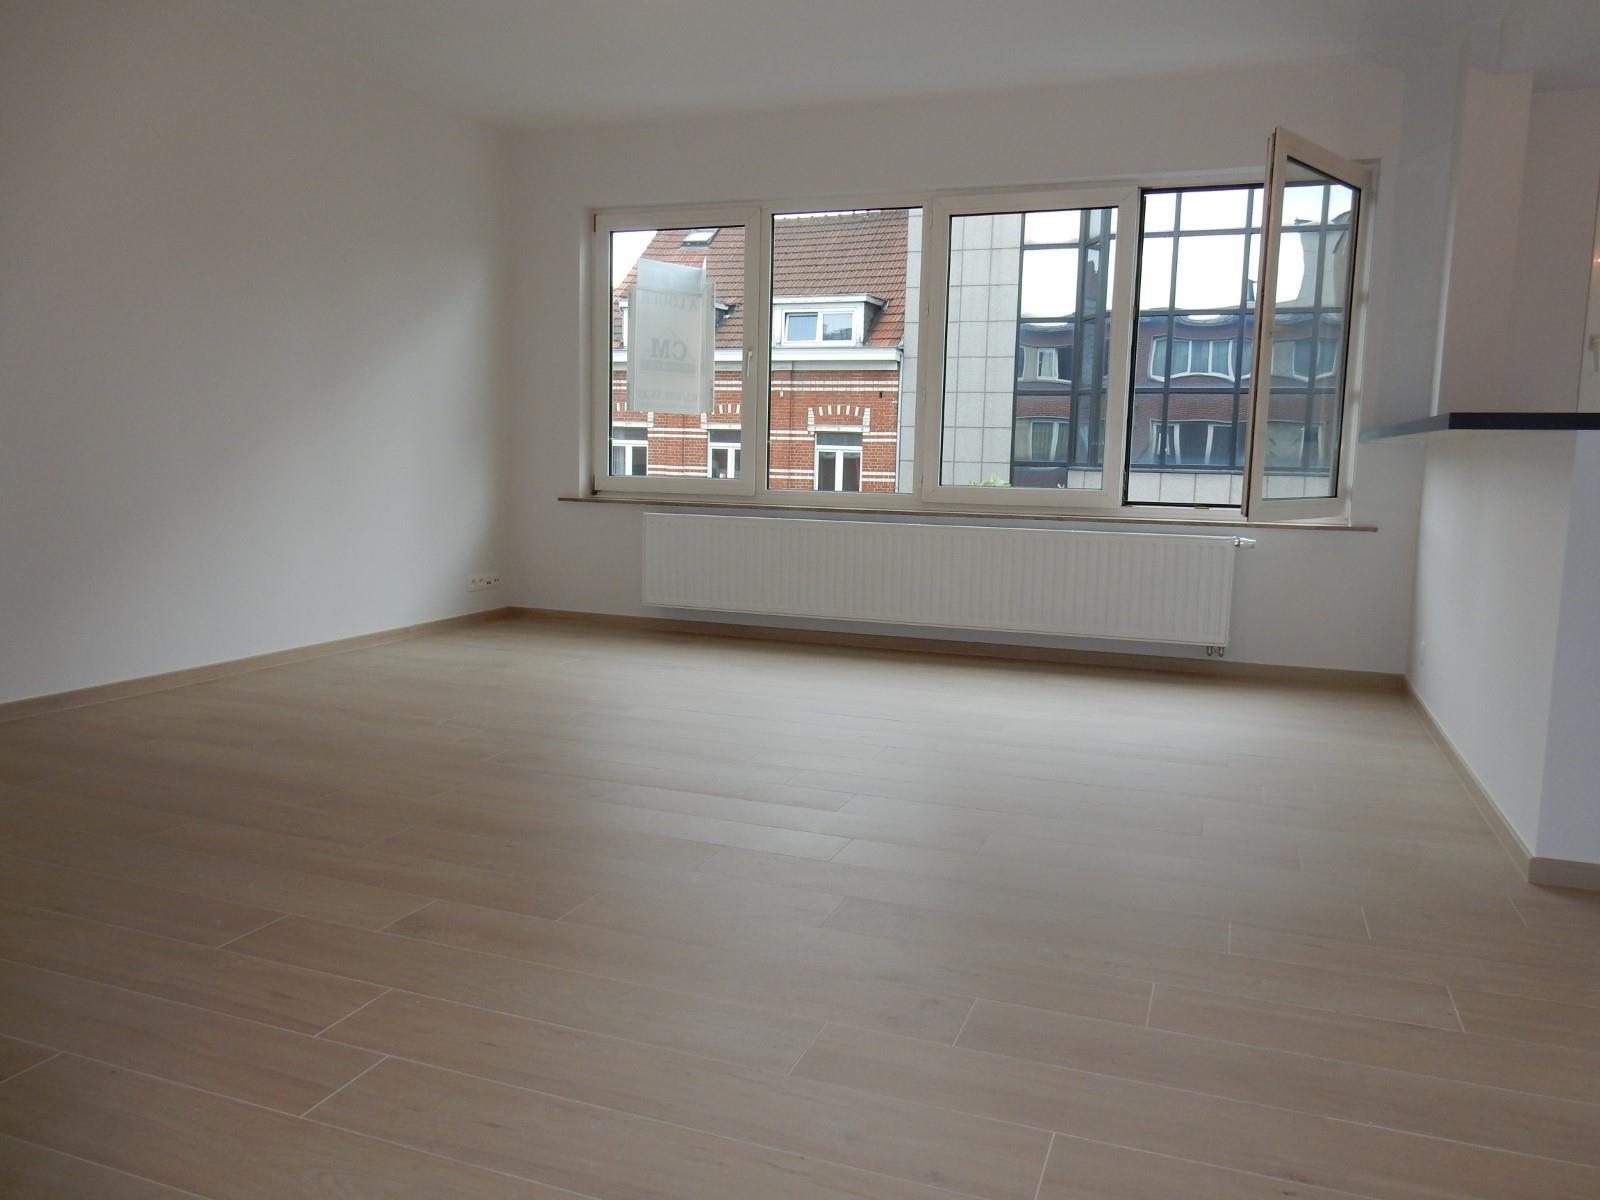 Appartement - Schaerbeek - #4137628-1